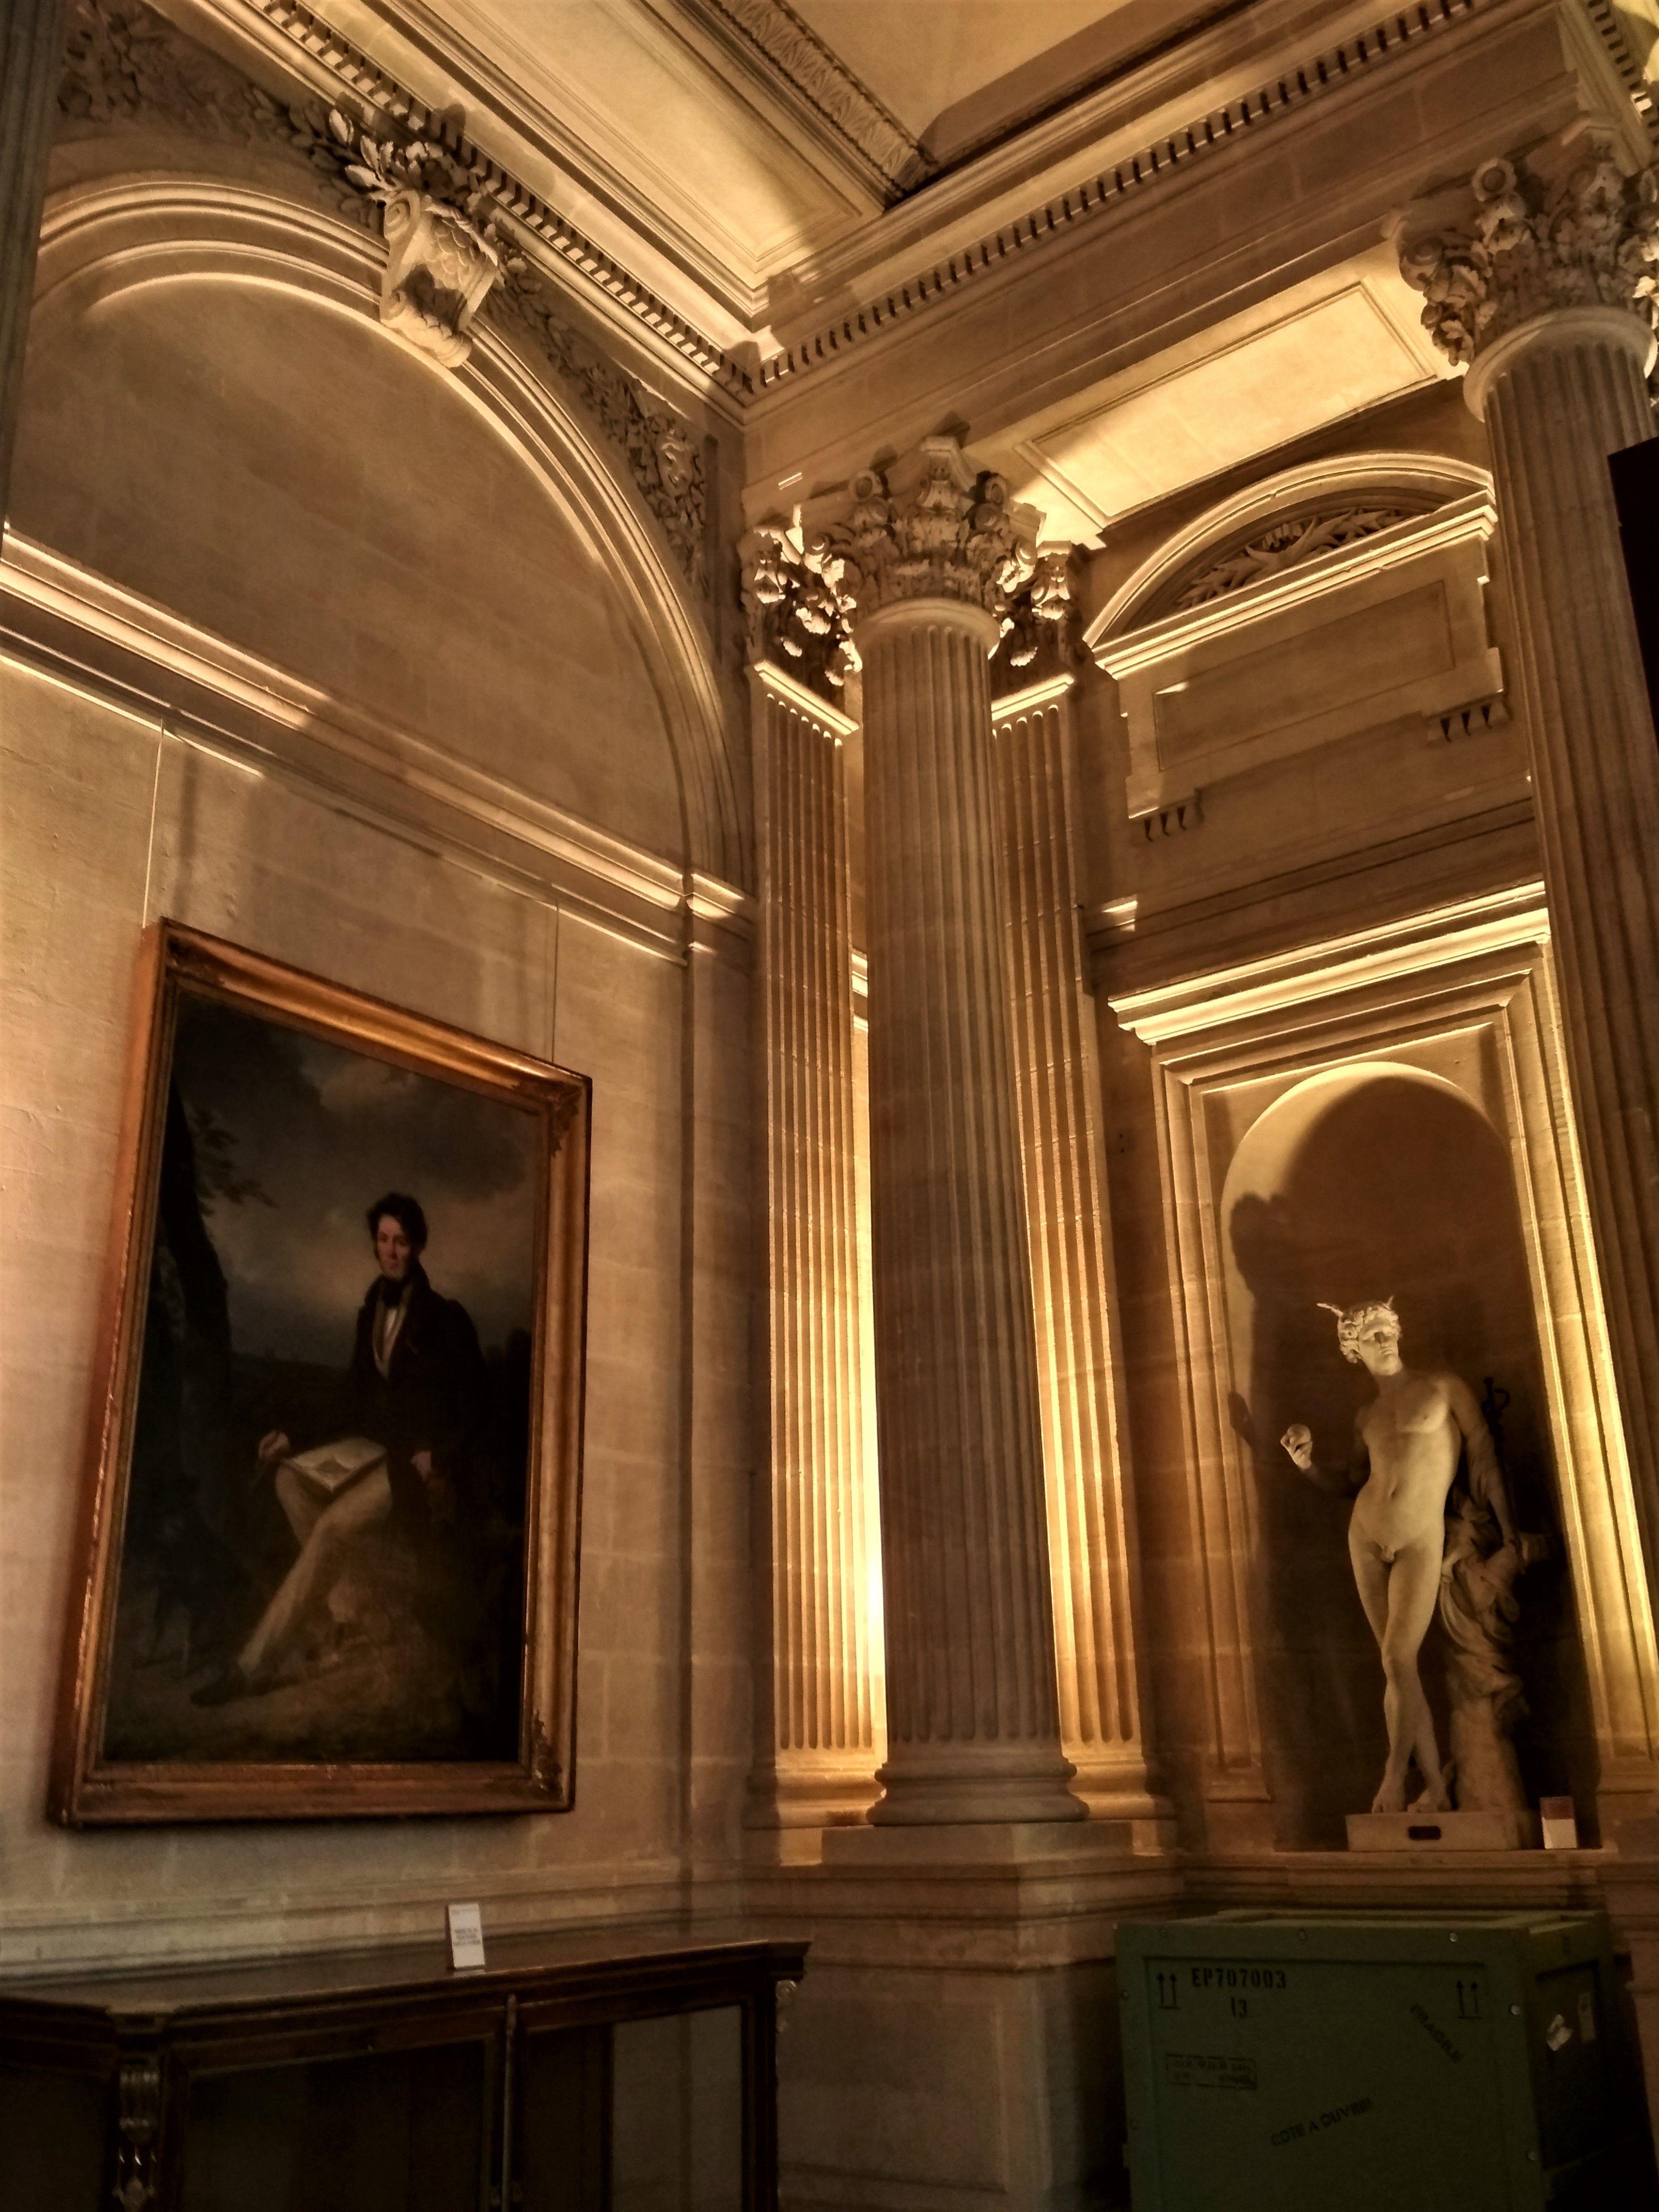 Musée des Beaux-Arts de Bordeaux: All year